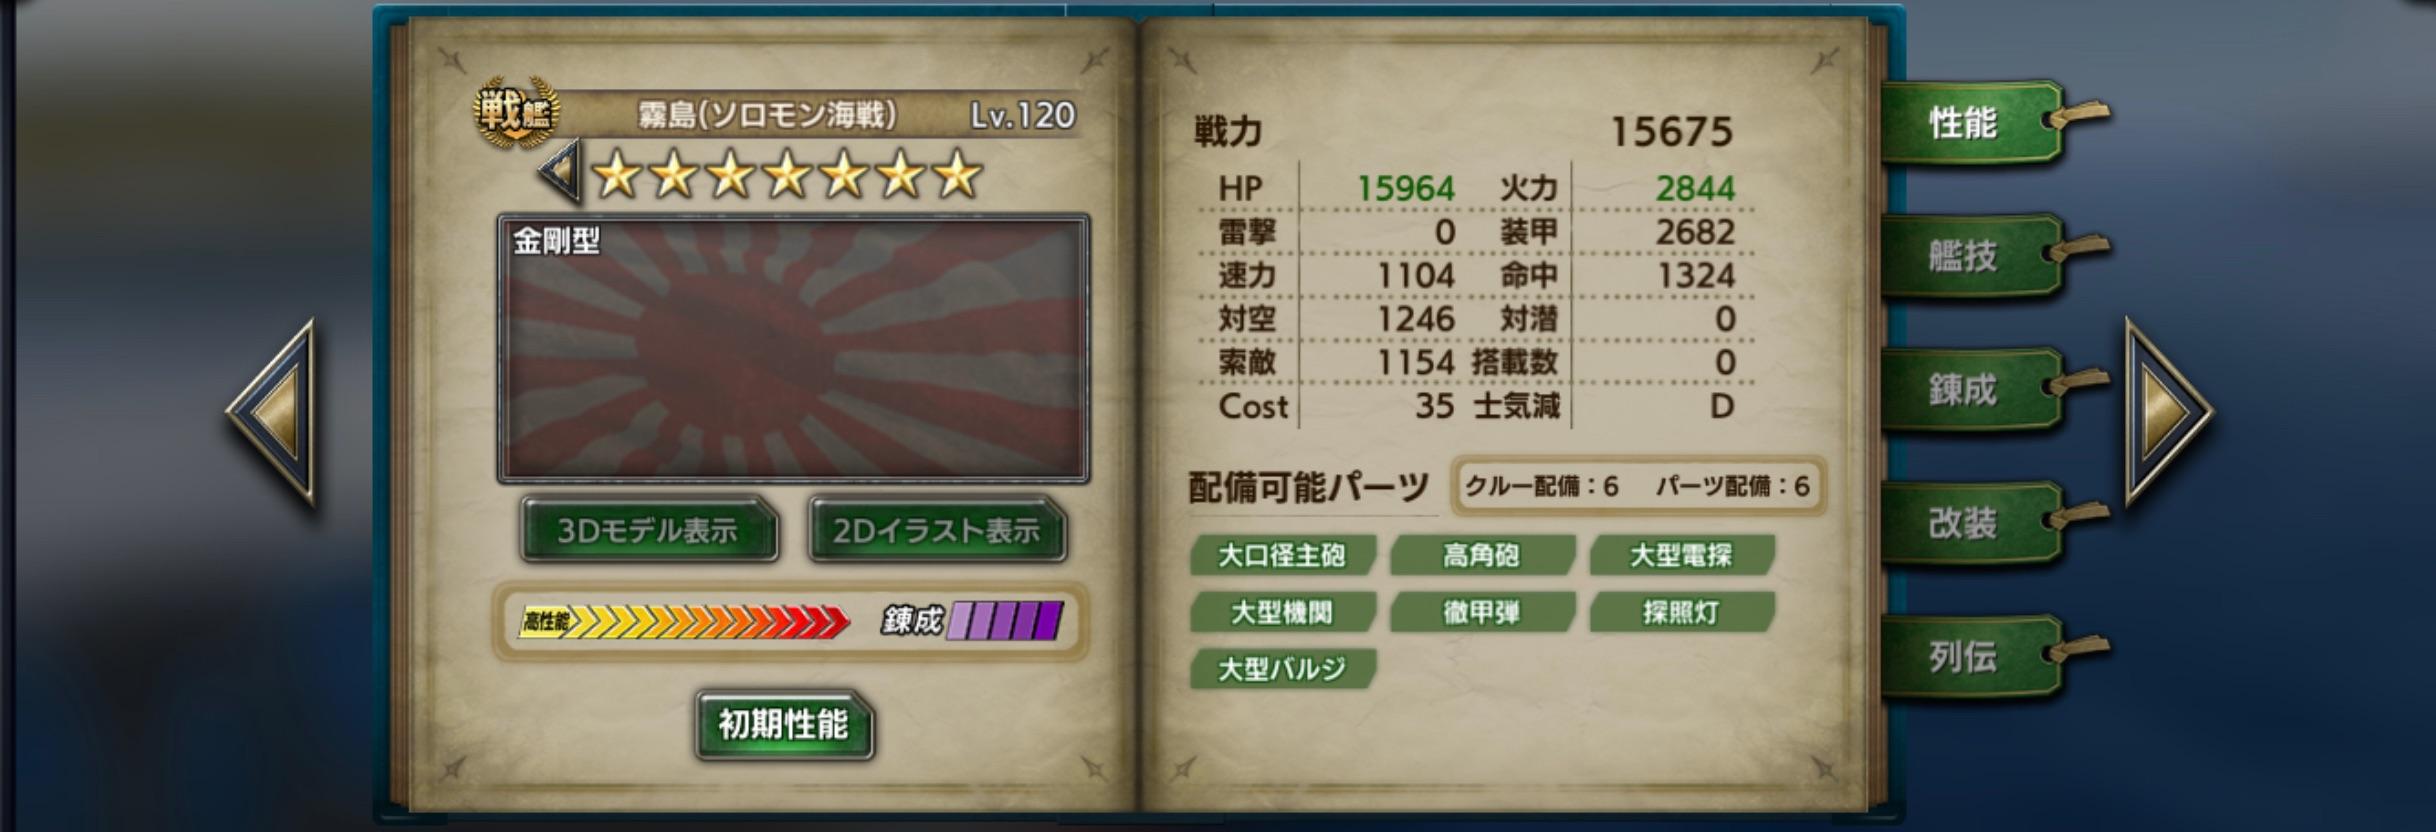 KirishimaS-performance